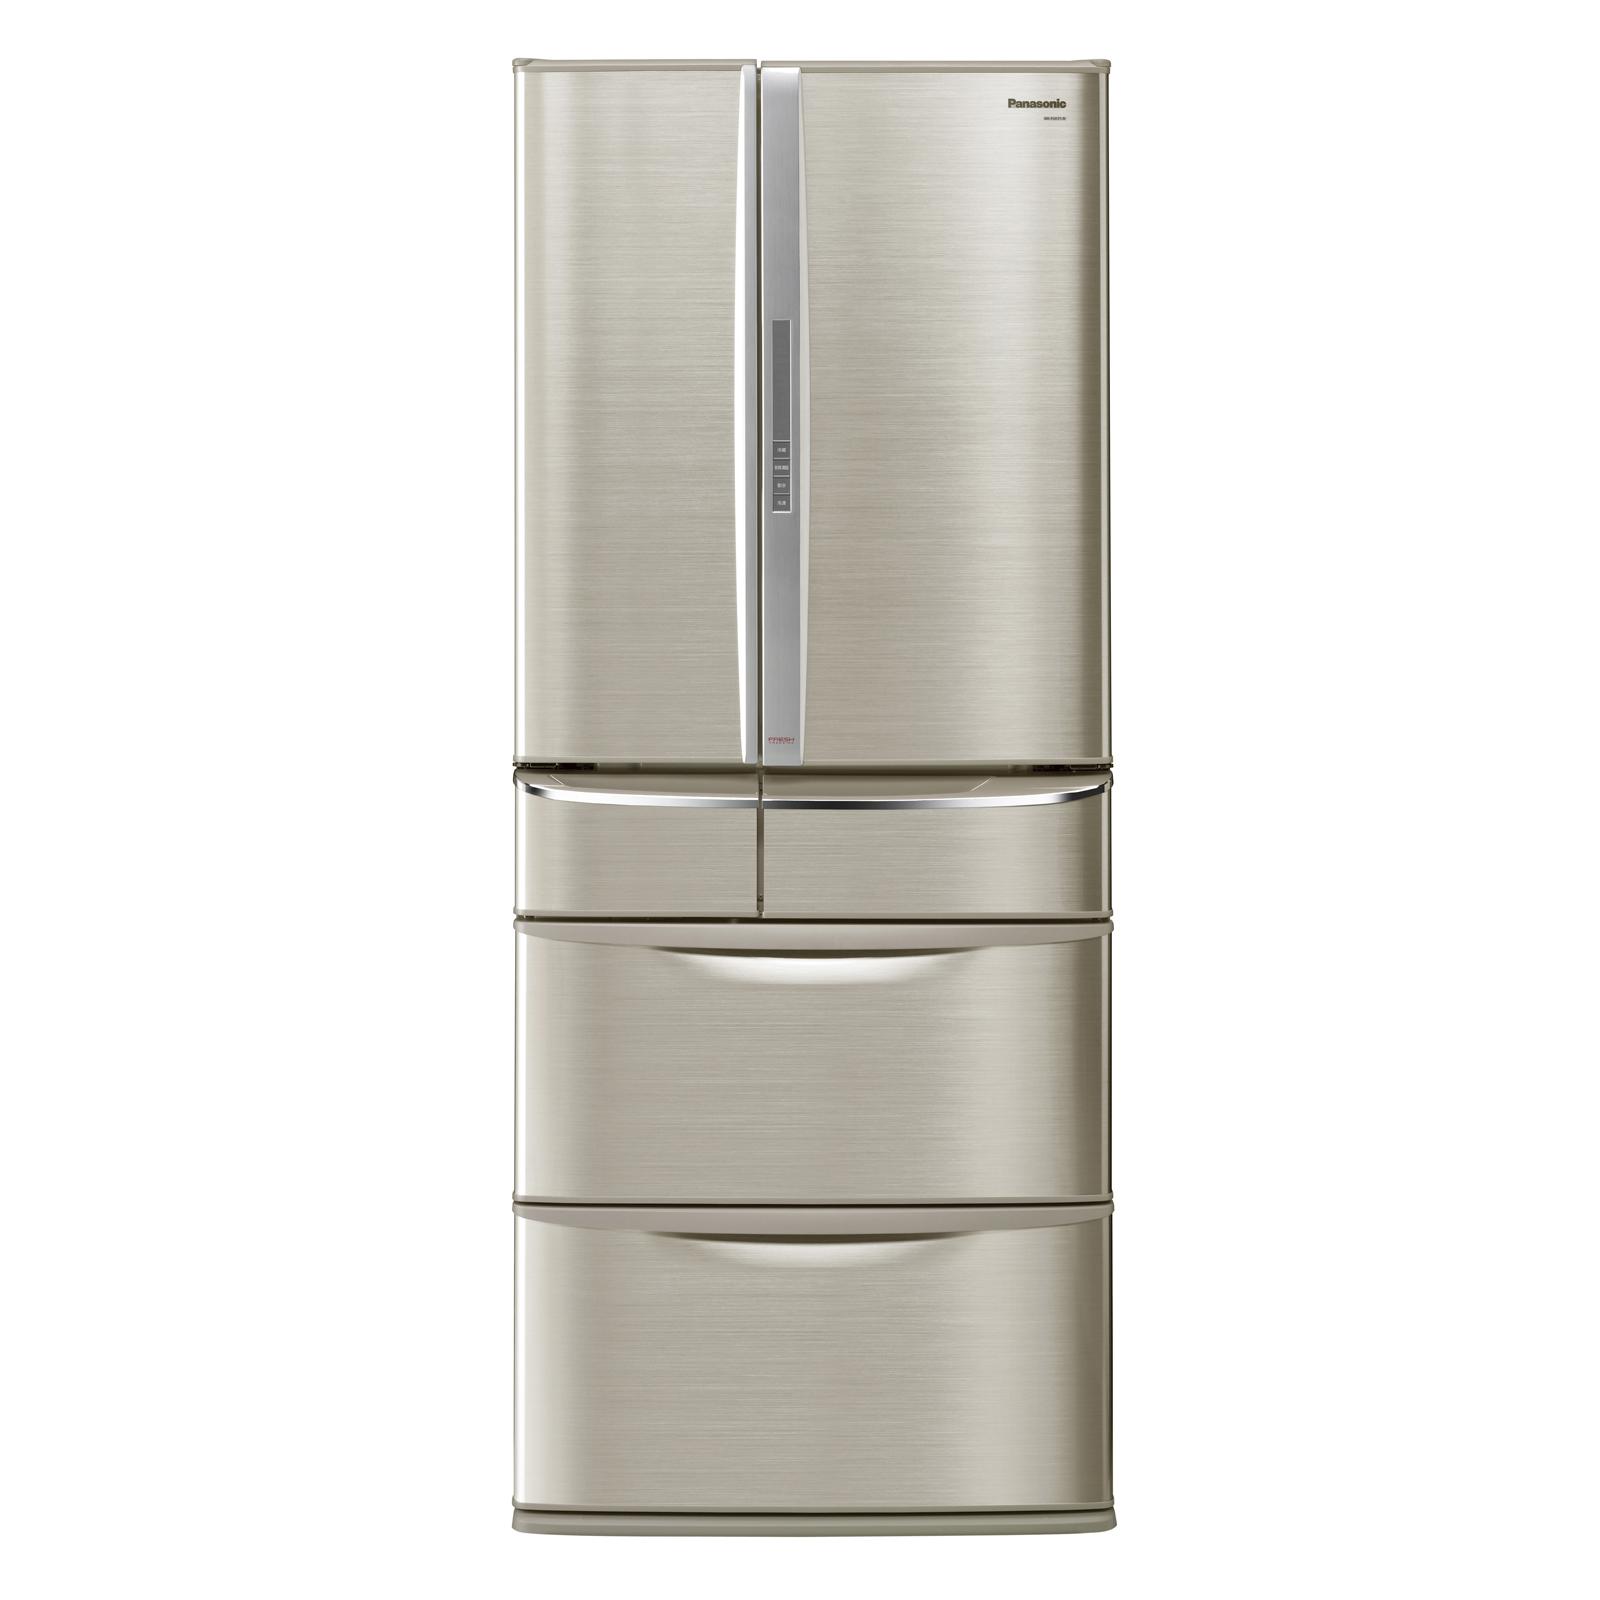 冷蔵庫には買い時があるのです!!お得に冷蔵庫を買い替えよう☆のサムネイル画像